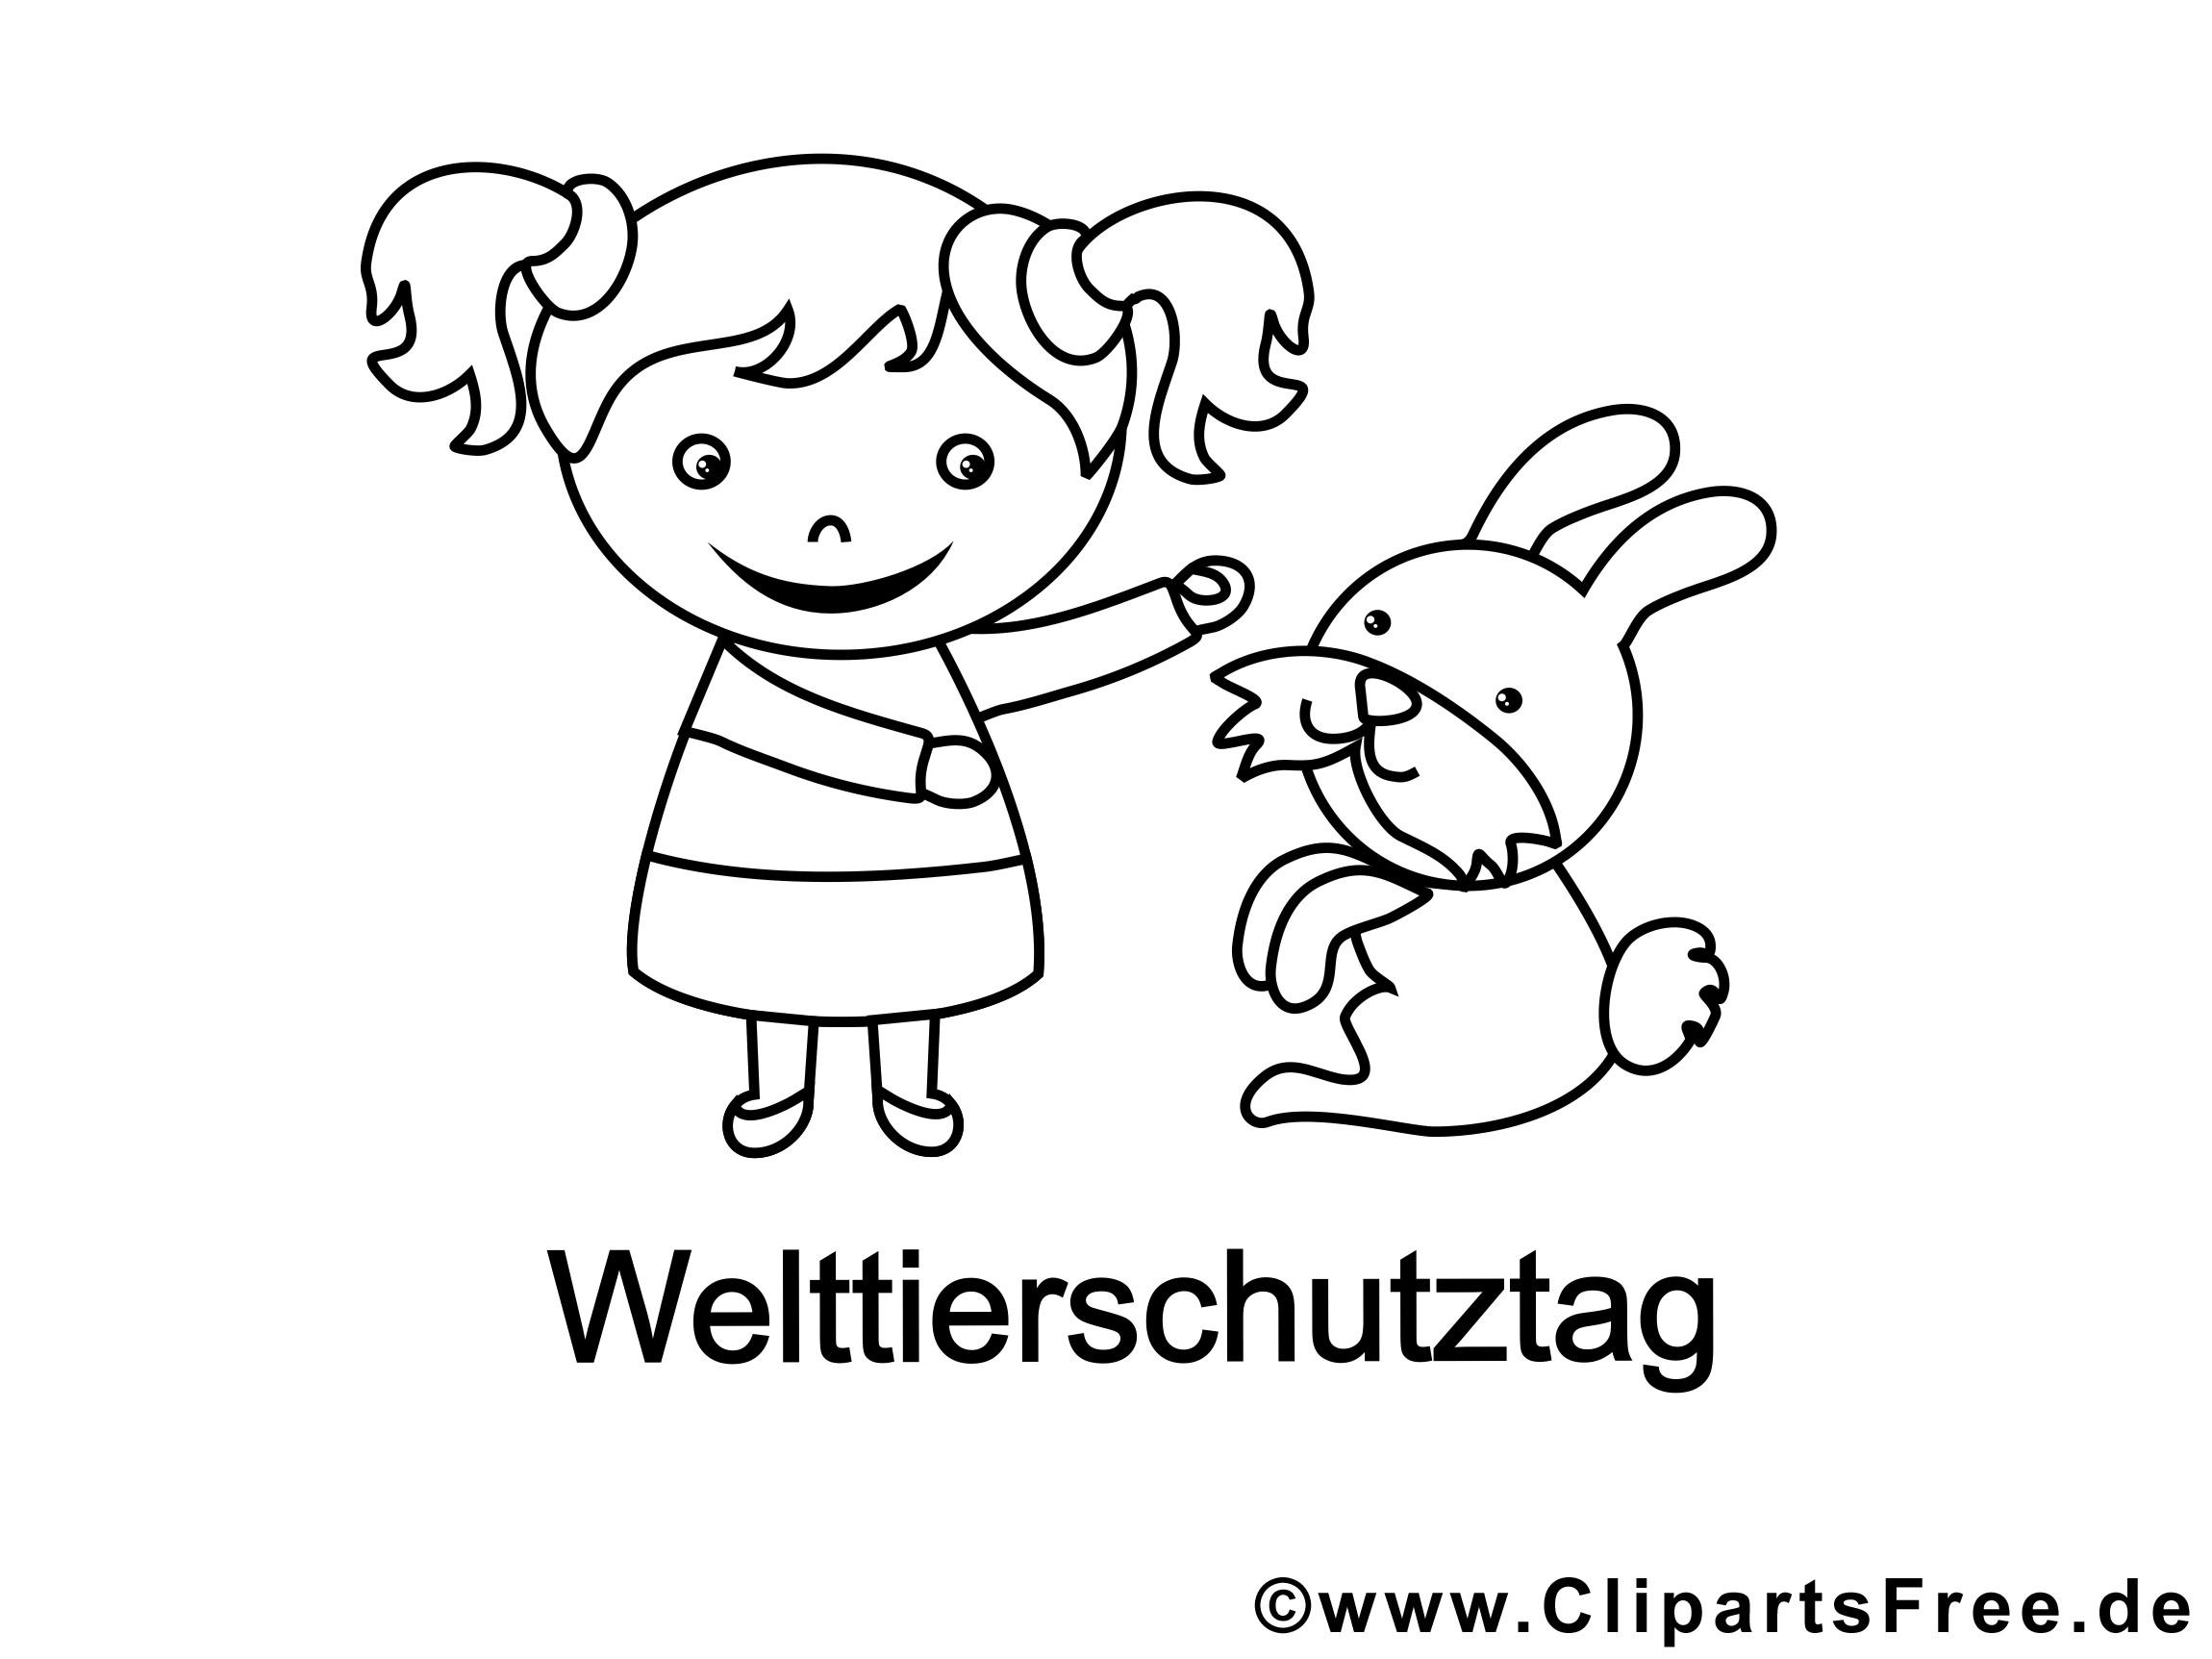 Ausmalbilder Frohe Weihnachten Neu Mädchen Und Hase Malvorlage Bei Hase Malen Vorlage Bild